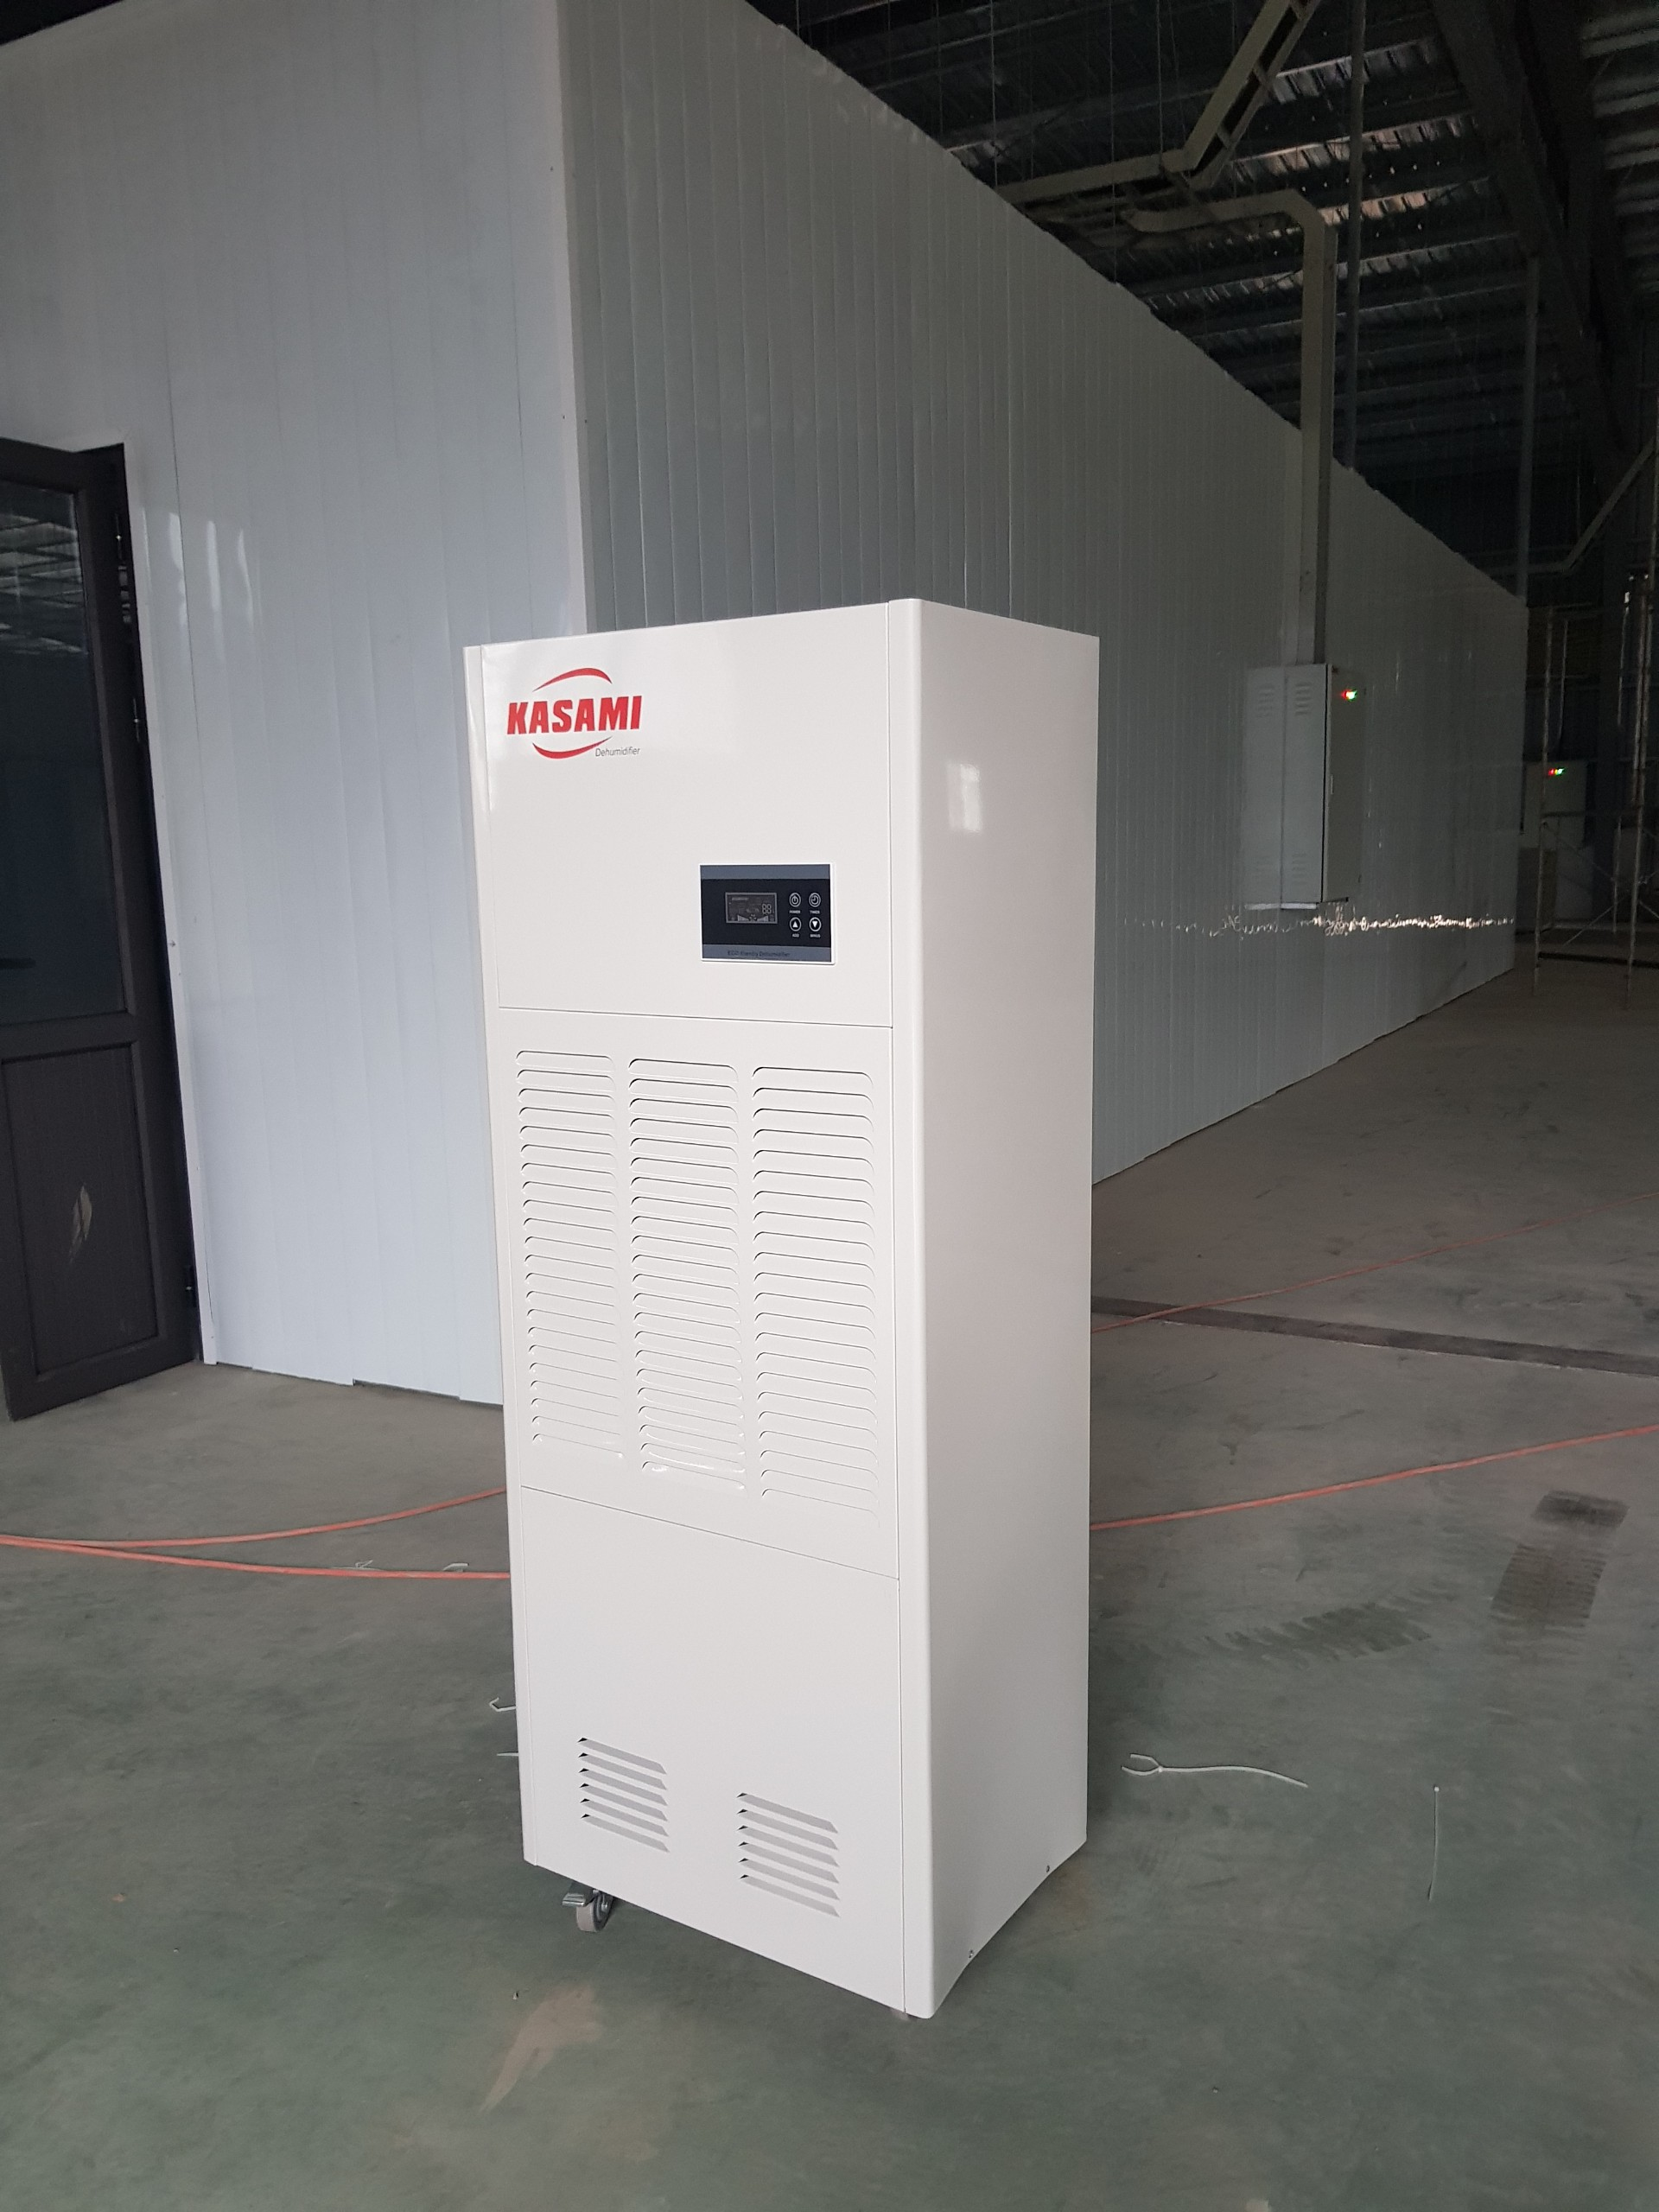 Lợi ích của máy hút ẩm công nghiệp đối với việc lưu trữ trong bảo tàng